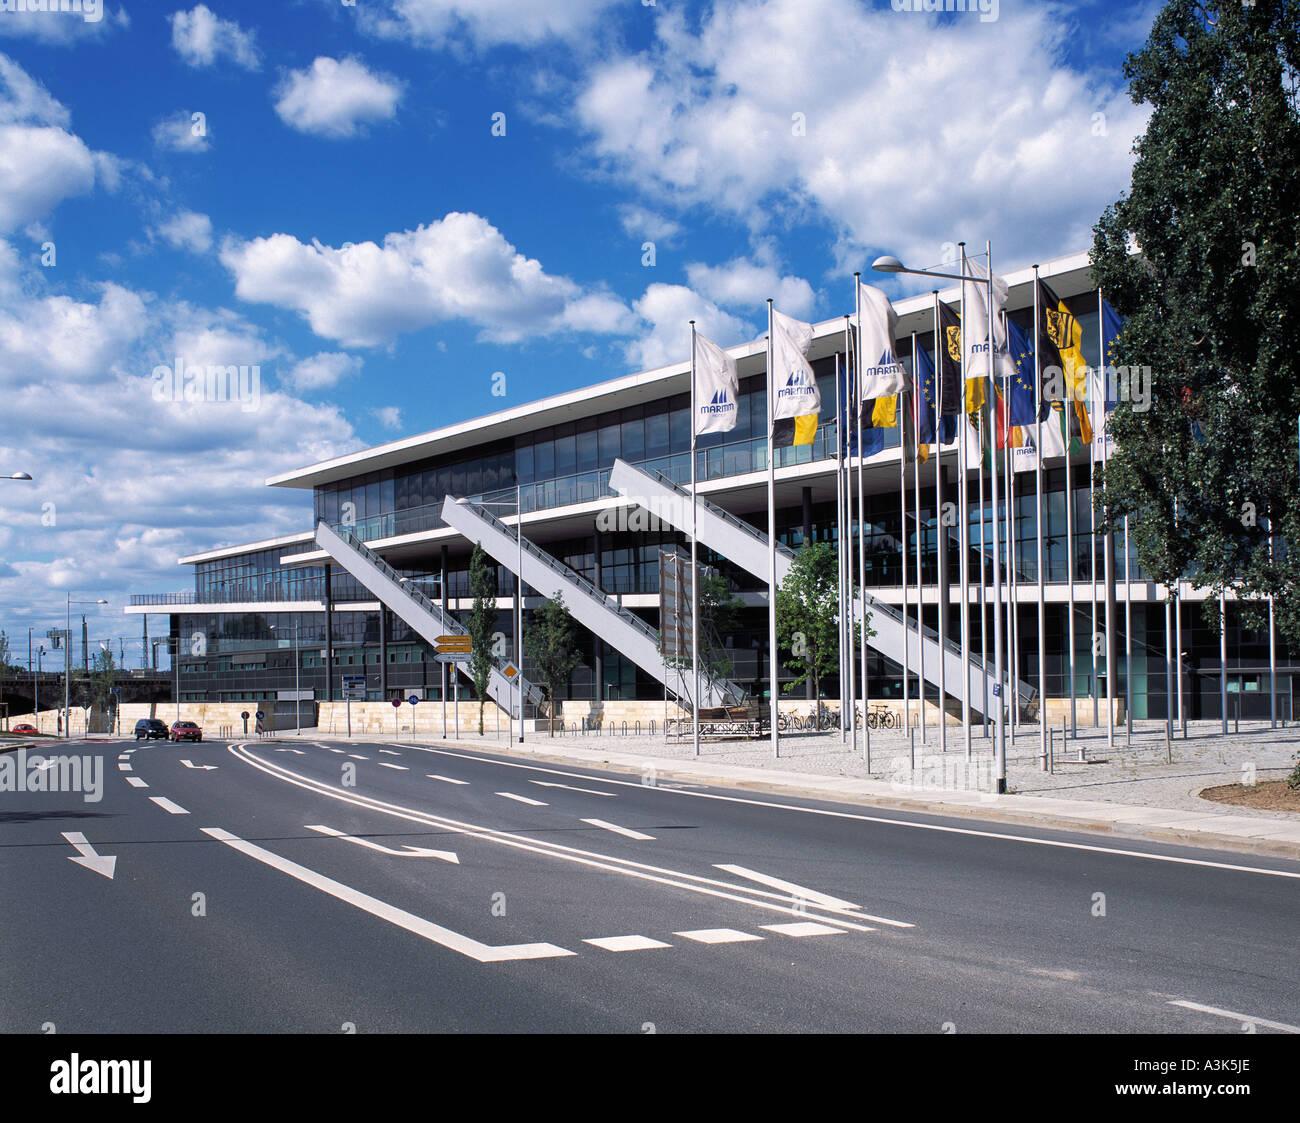 Internationales Kongresszentrum in Dresden - Stock Image